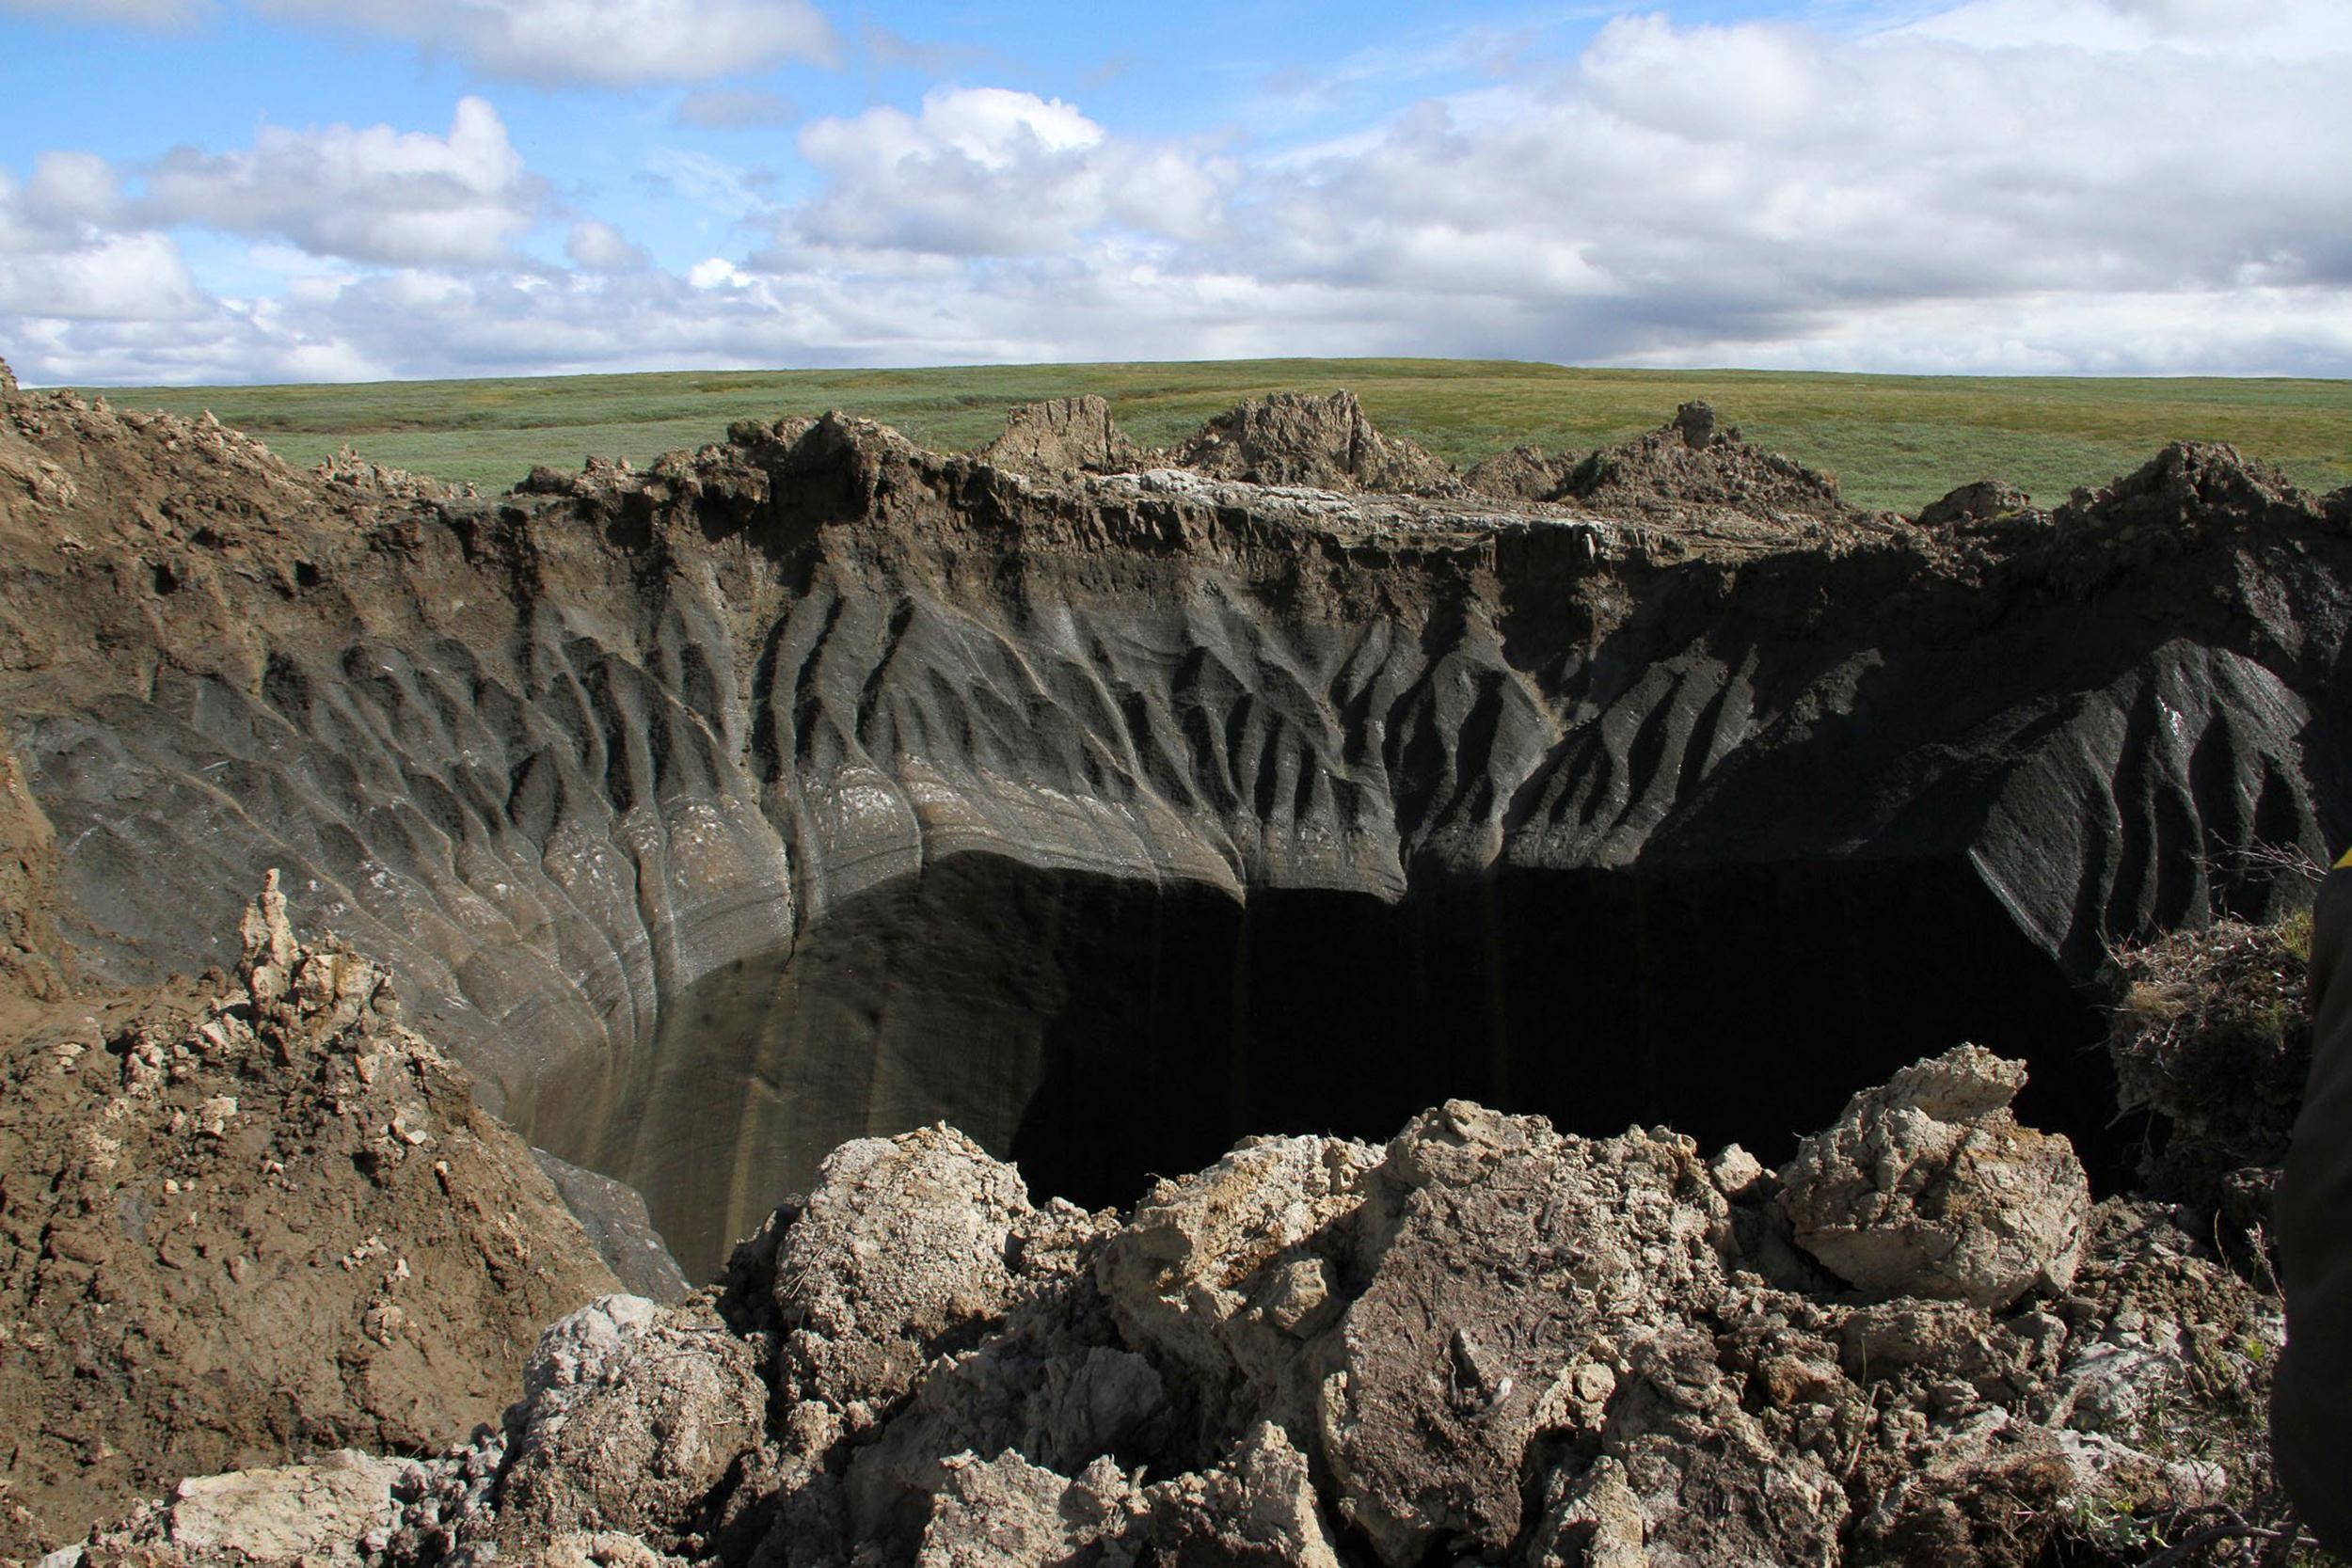 صوره حفرة نهاية العالم , ماهو لغز حفرة نهاية العالم